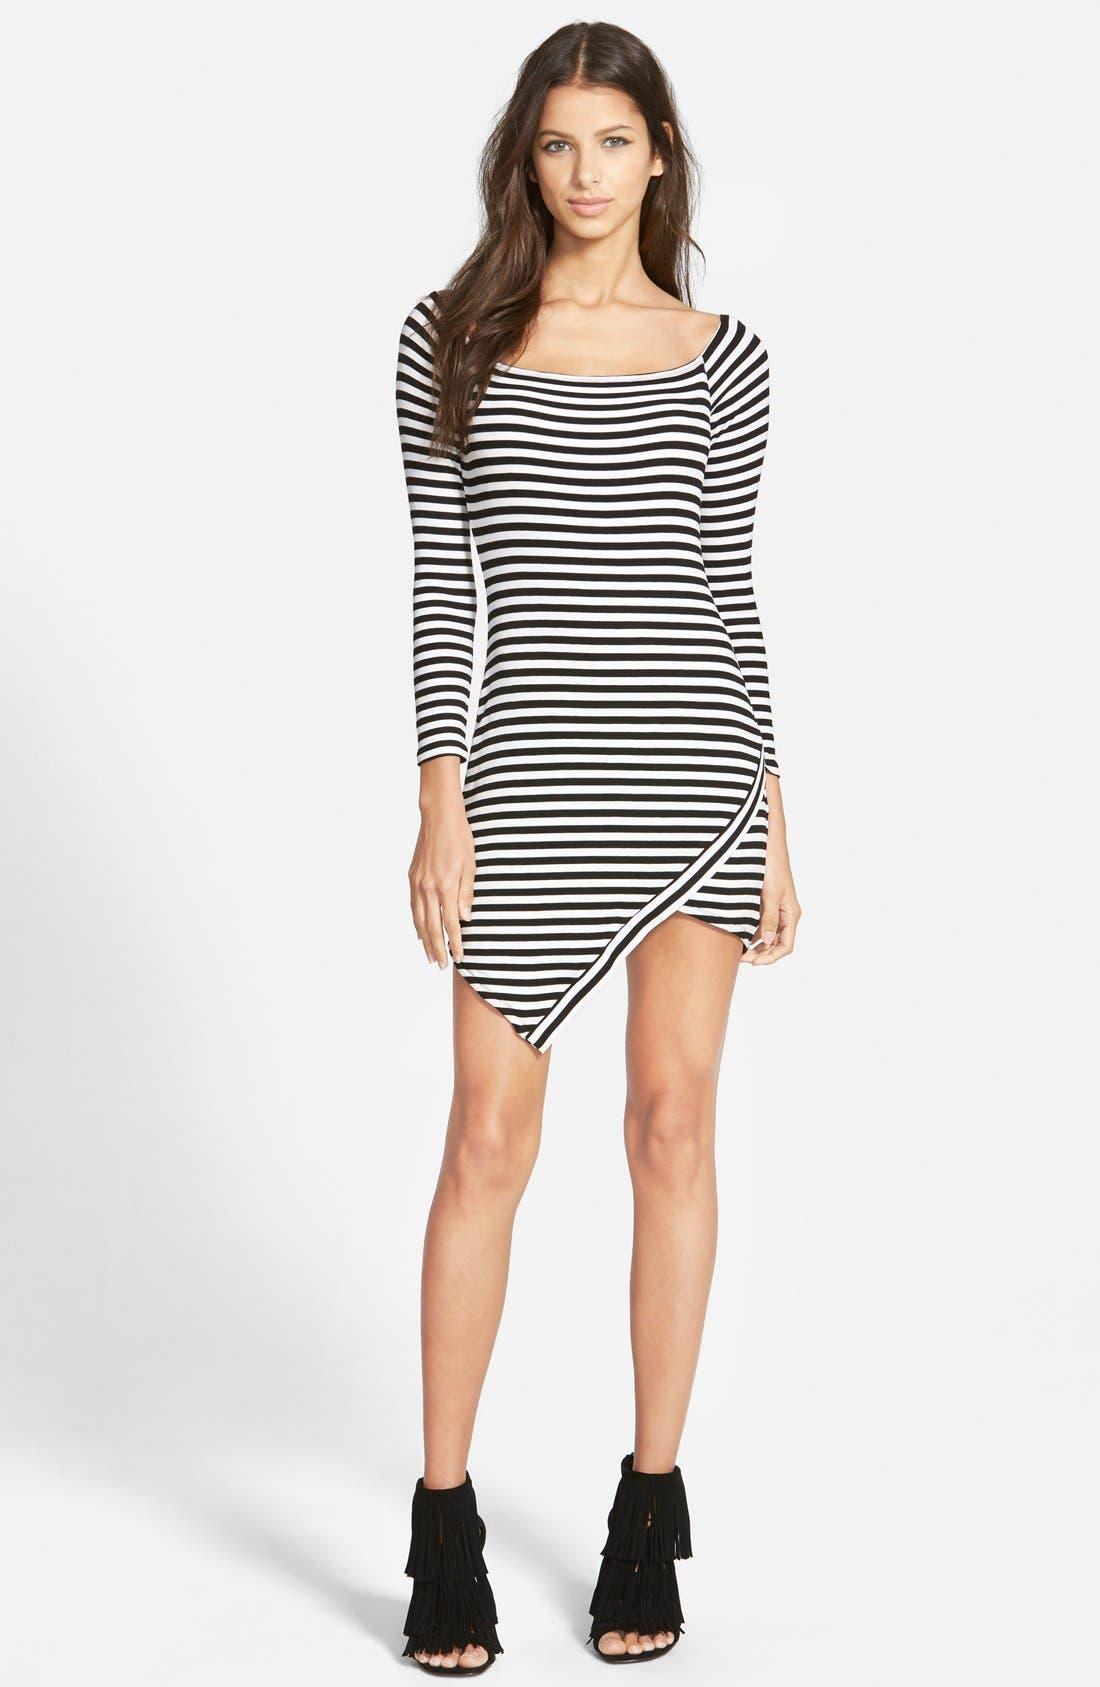 Main Image - Lovers + Friends 'Sweet' Stripe Body-Con Dress